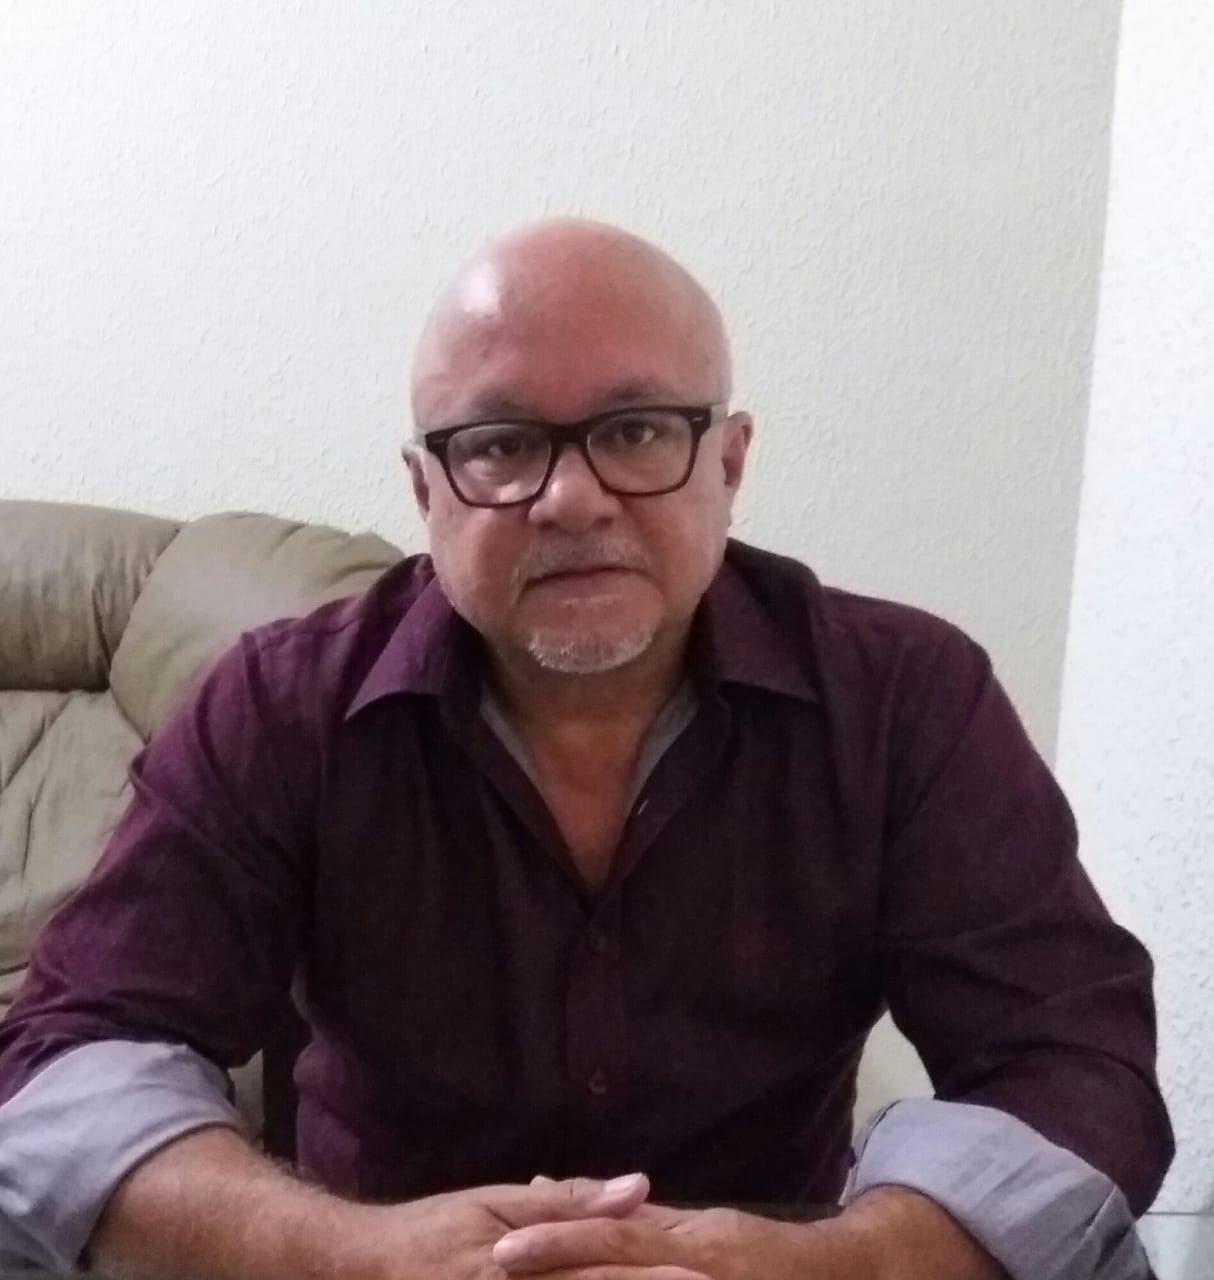 OTB oferecerá cursos profissionalizantes no Ceará